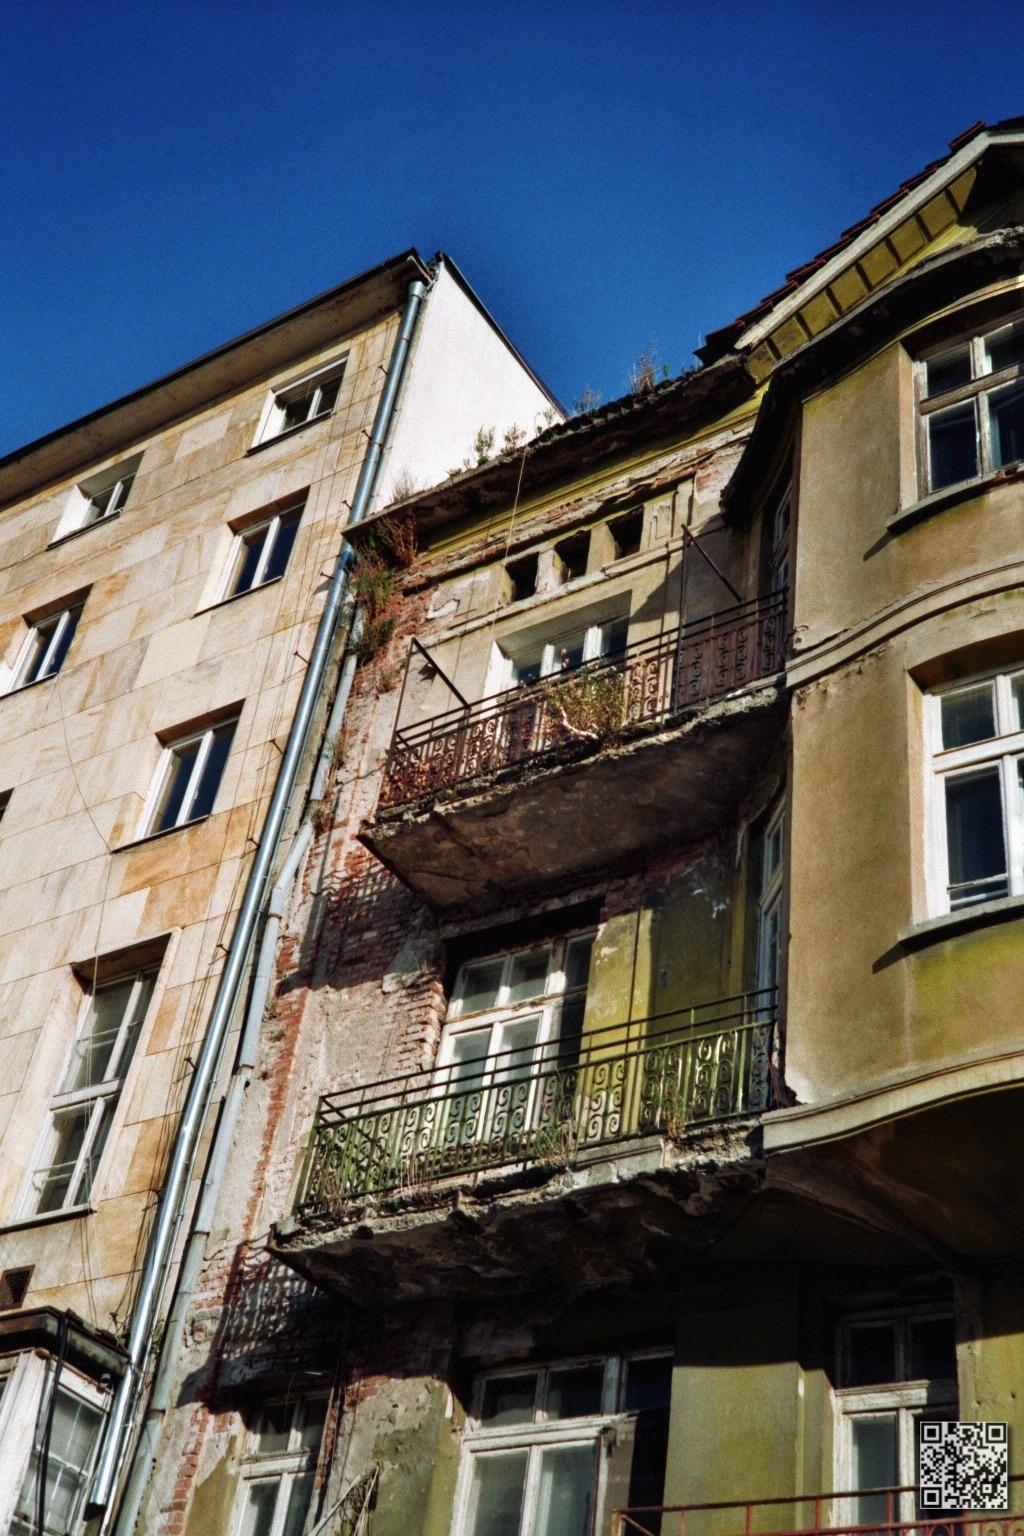 Balconies1